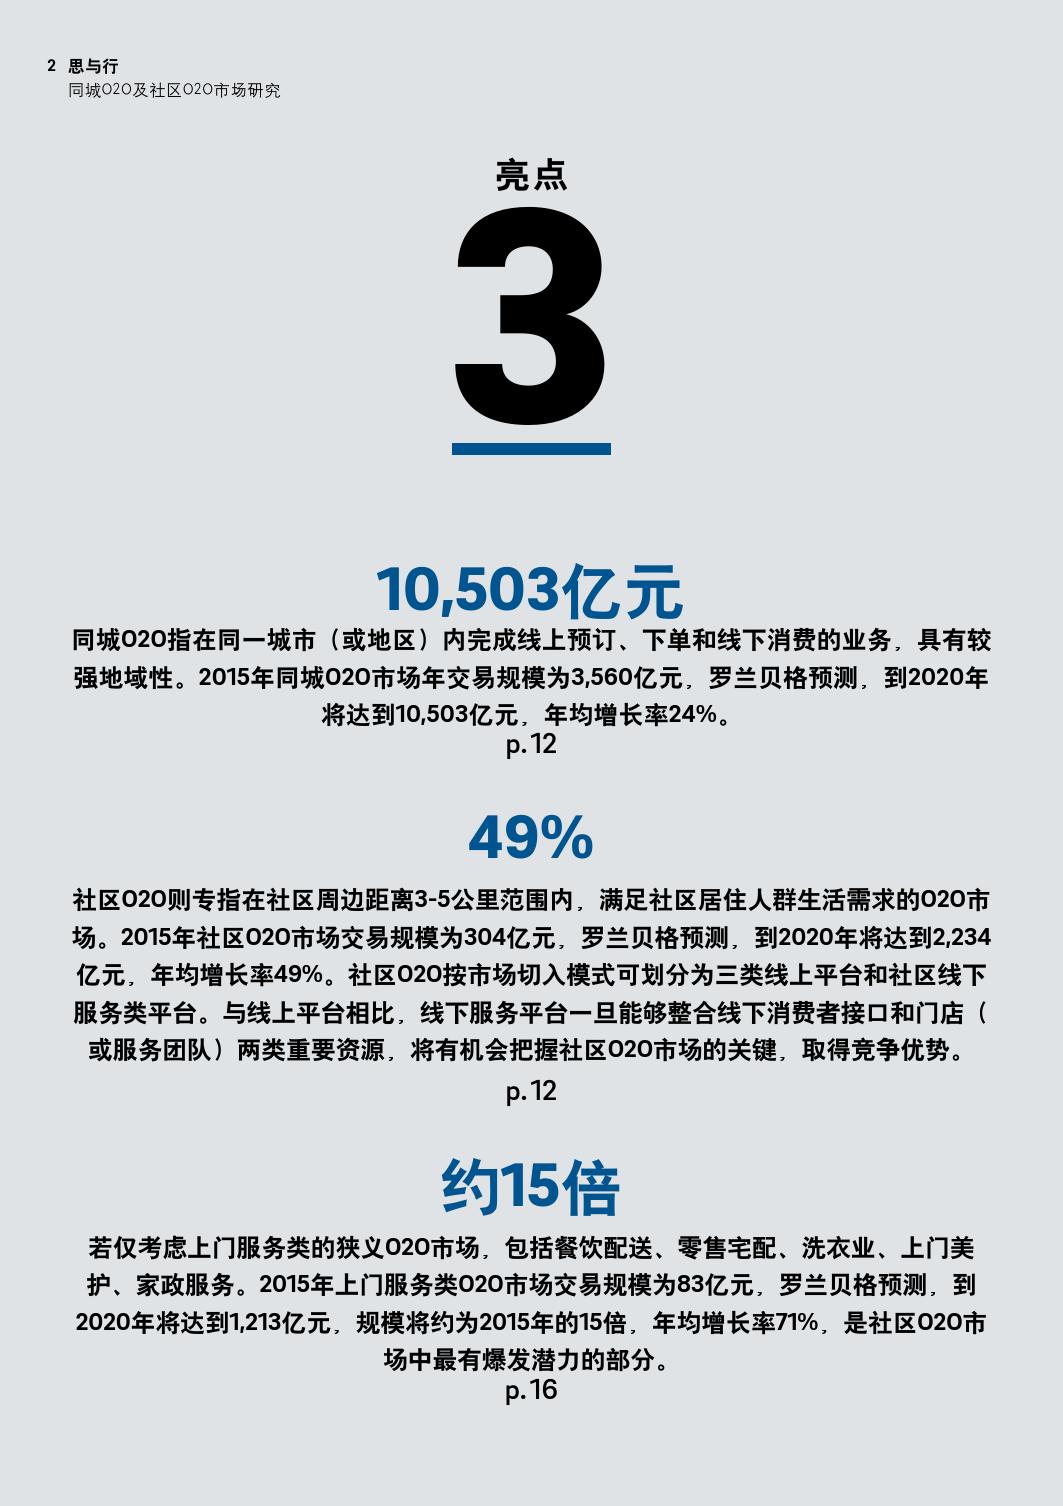 同城O2O及社区O2O市场研究_000002